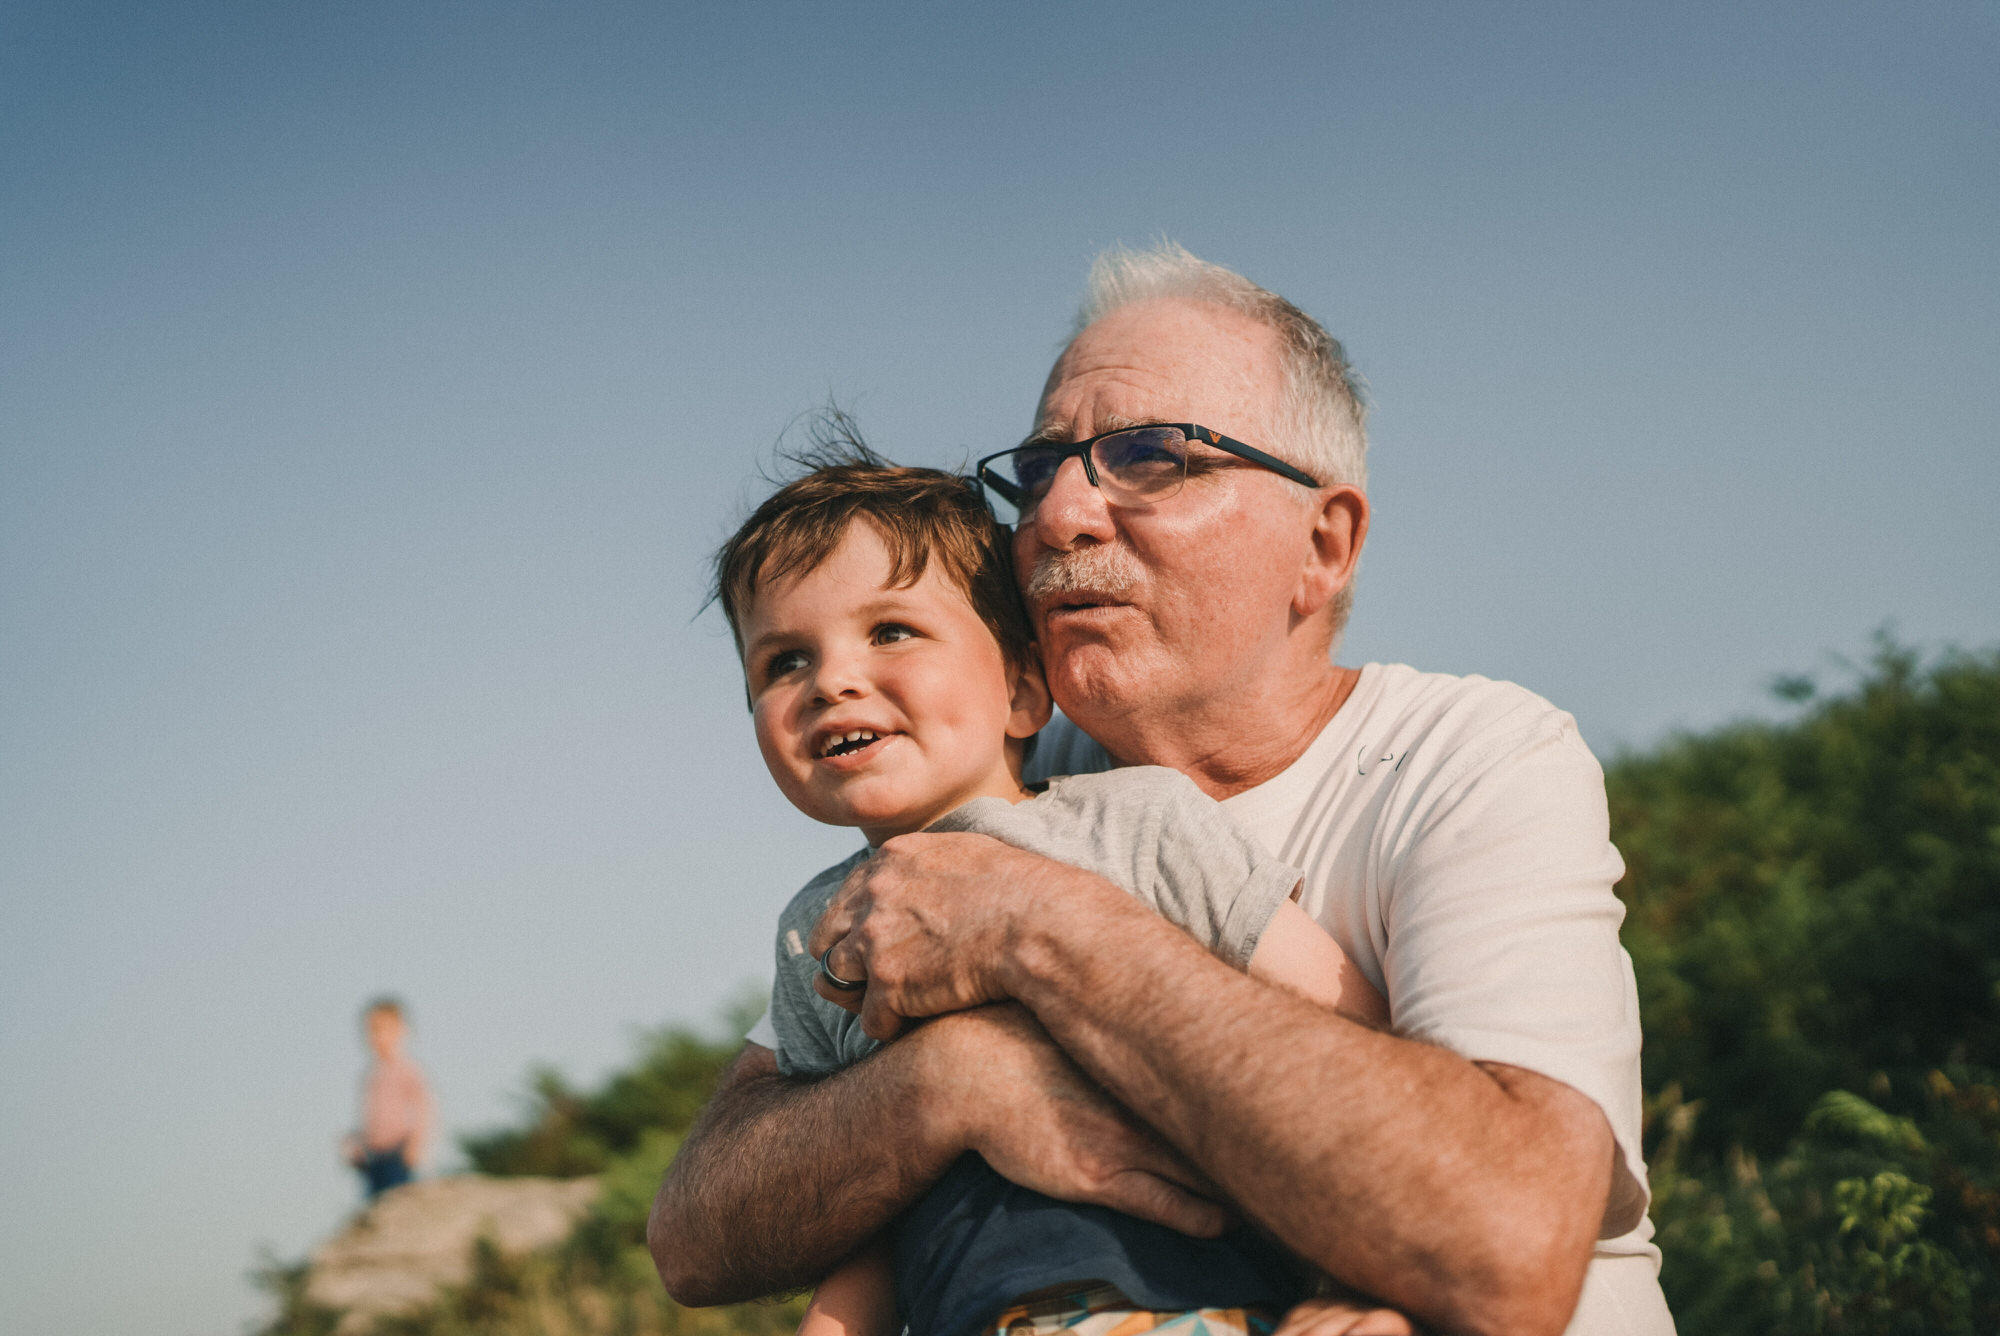 2021.07.20 Photo De Famille A Porspoder En Bretagne Par Antoine Borzeix 48, Photographe & Videaste à Brest / Finistère